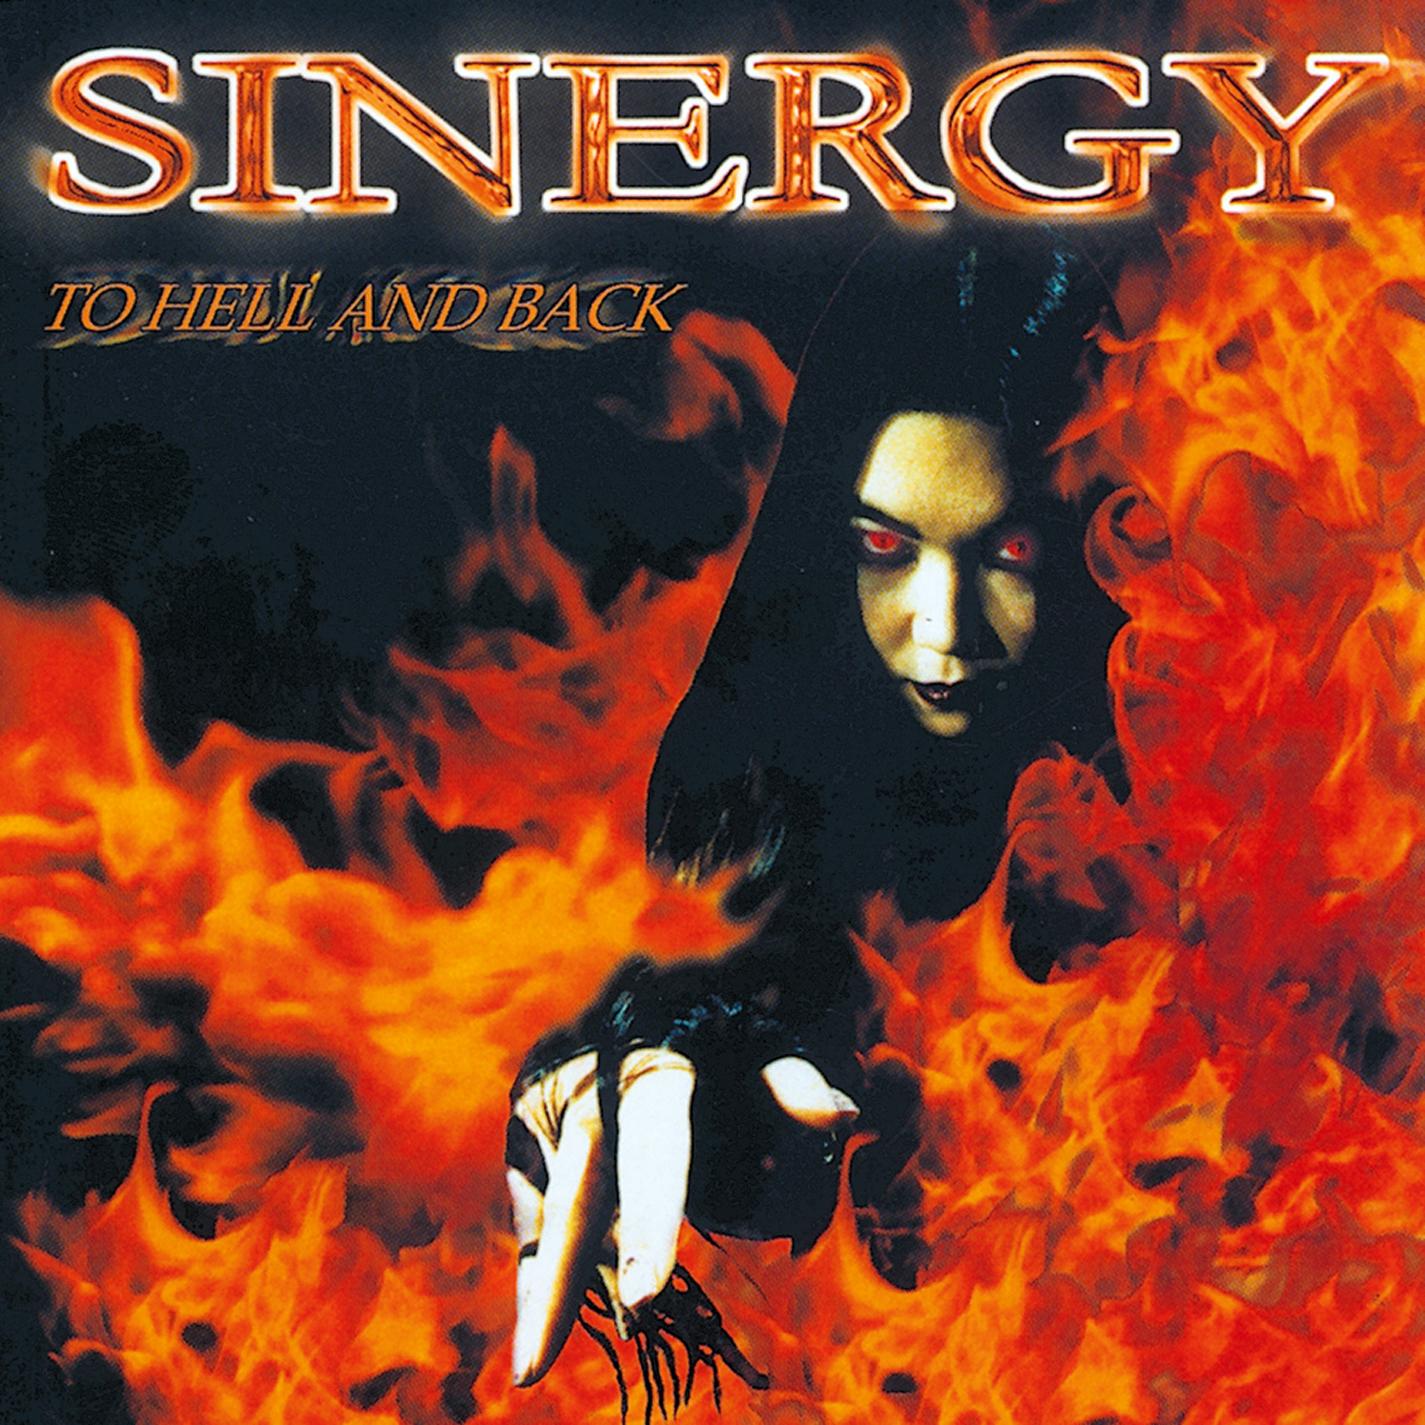 Sinergy: Sinergy waren in vielerlei Hinsicht besonders. Frontfrau Kimberly Goss stach mit ihrer Stimme hervor und machte eine